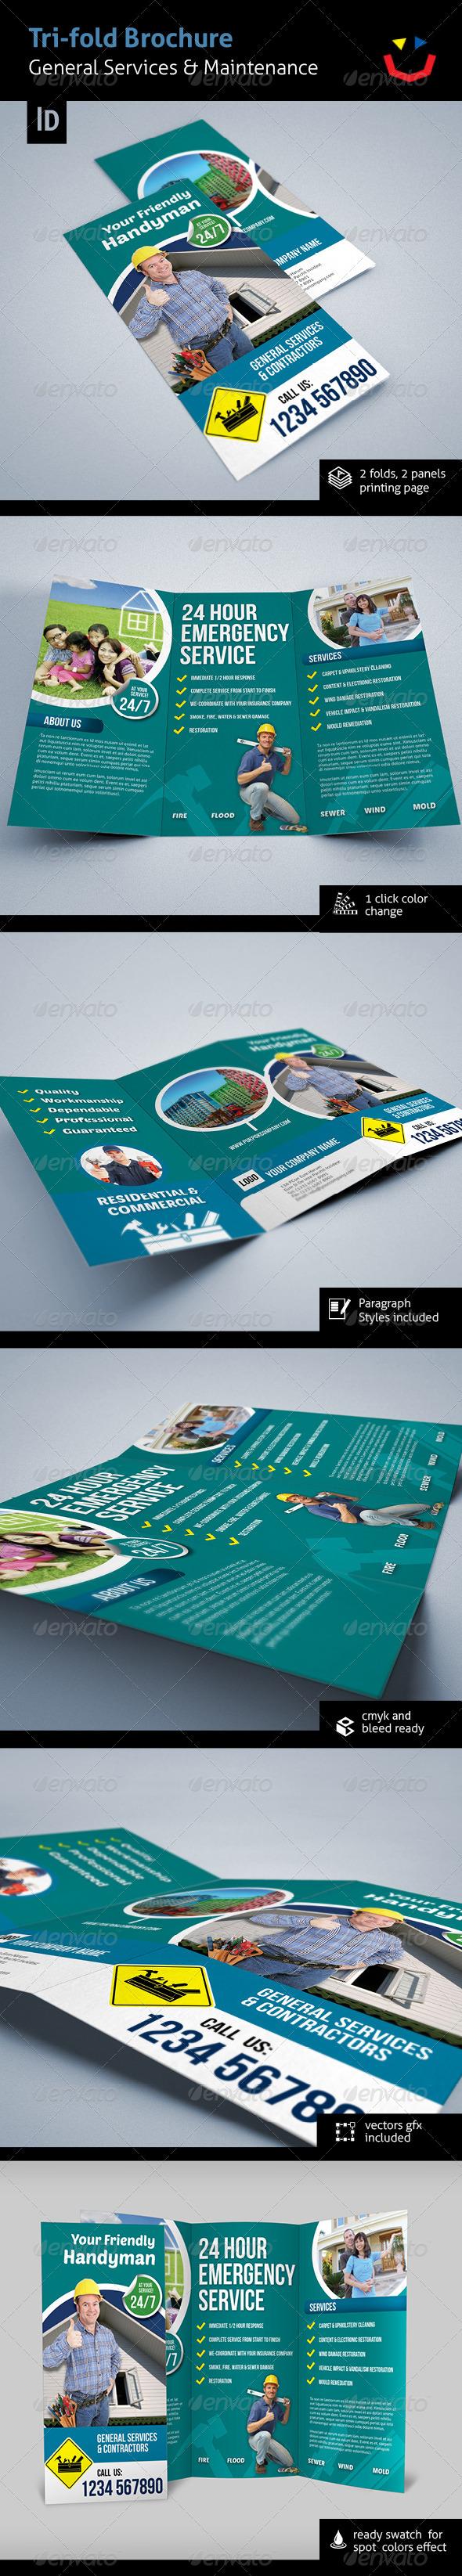 Tri-fold General Services & Contractors Brochure - Brochures Print Templates